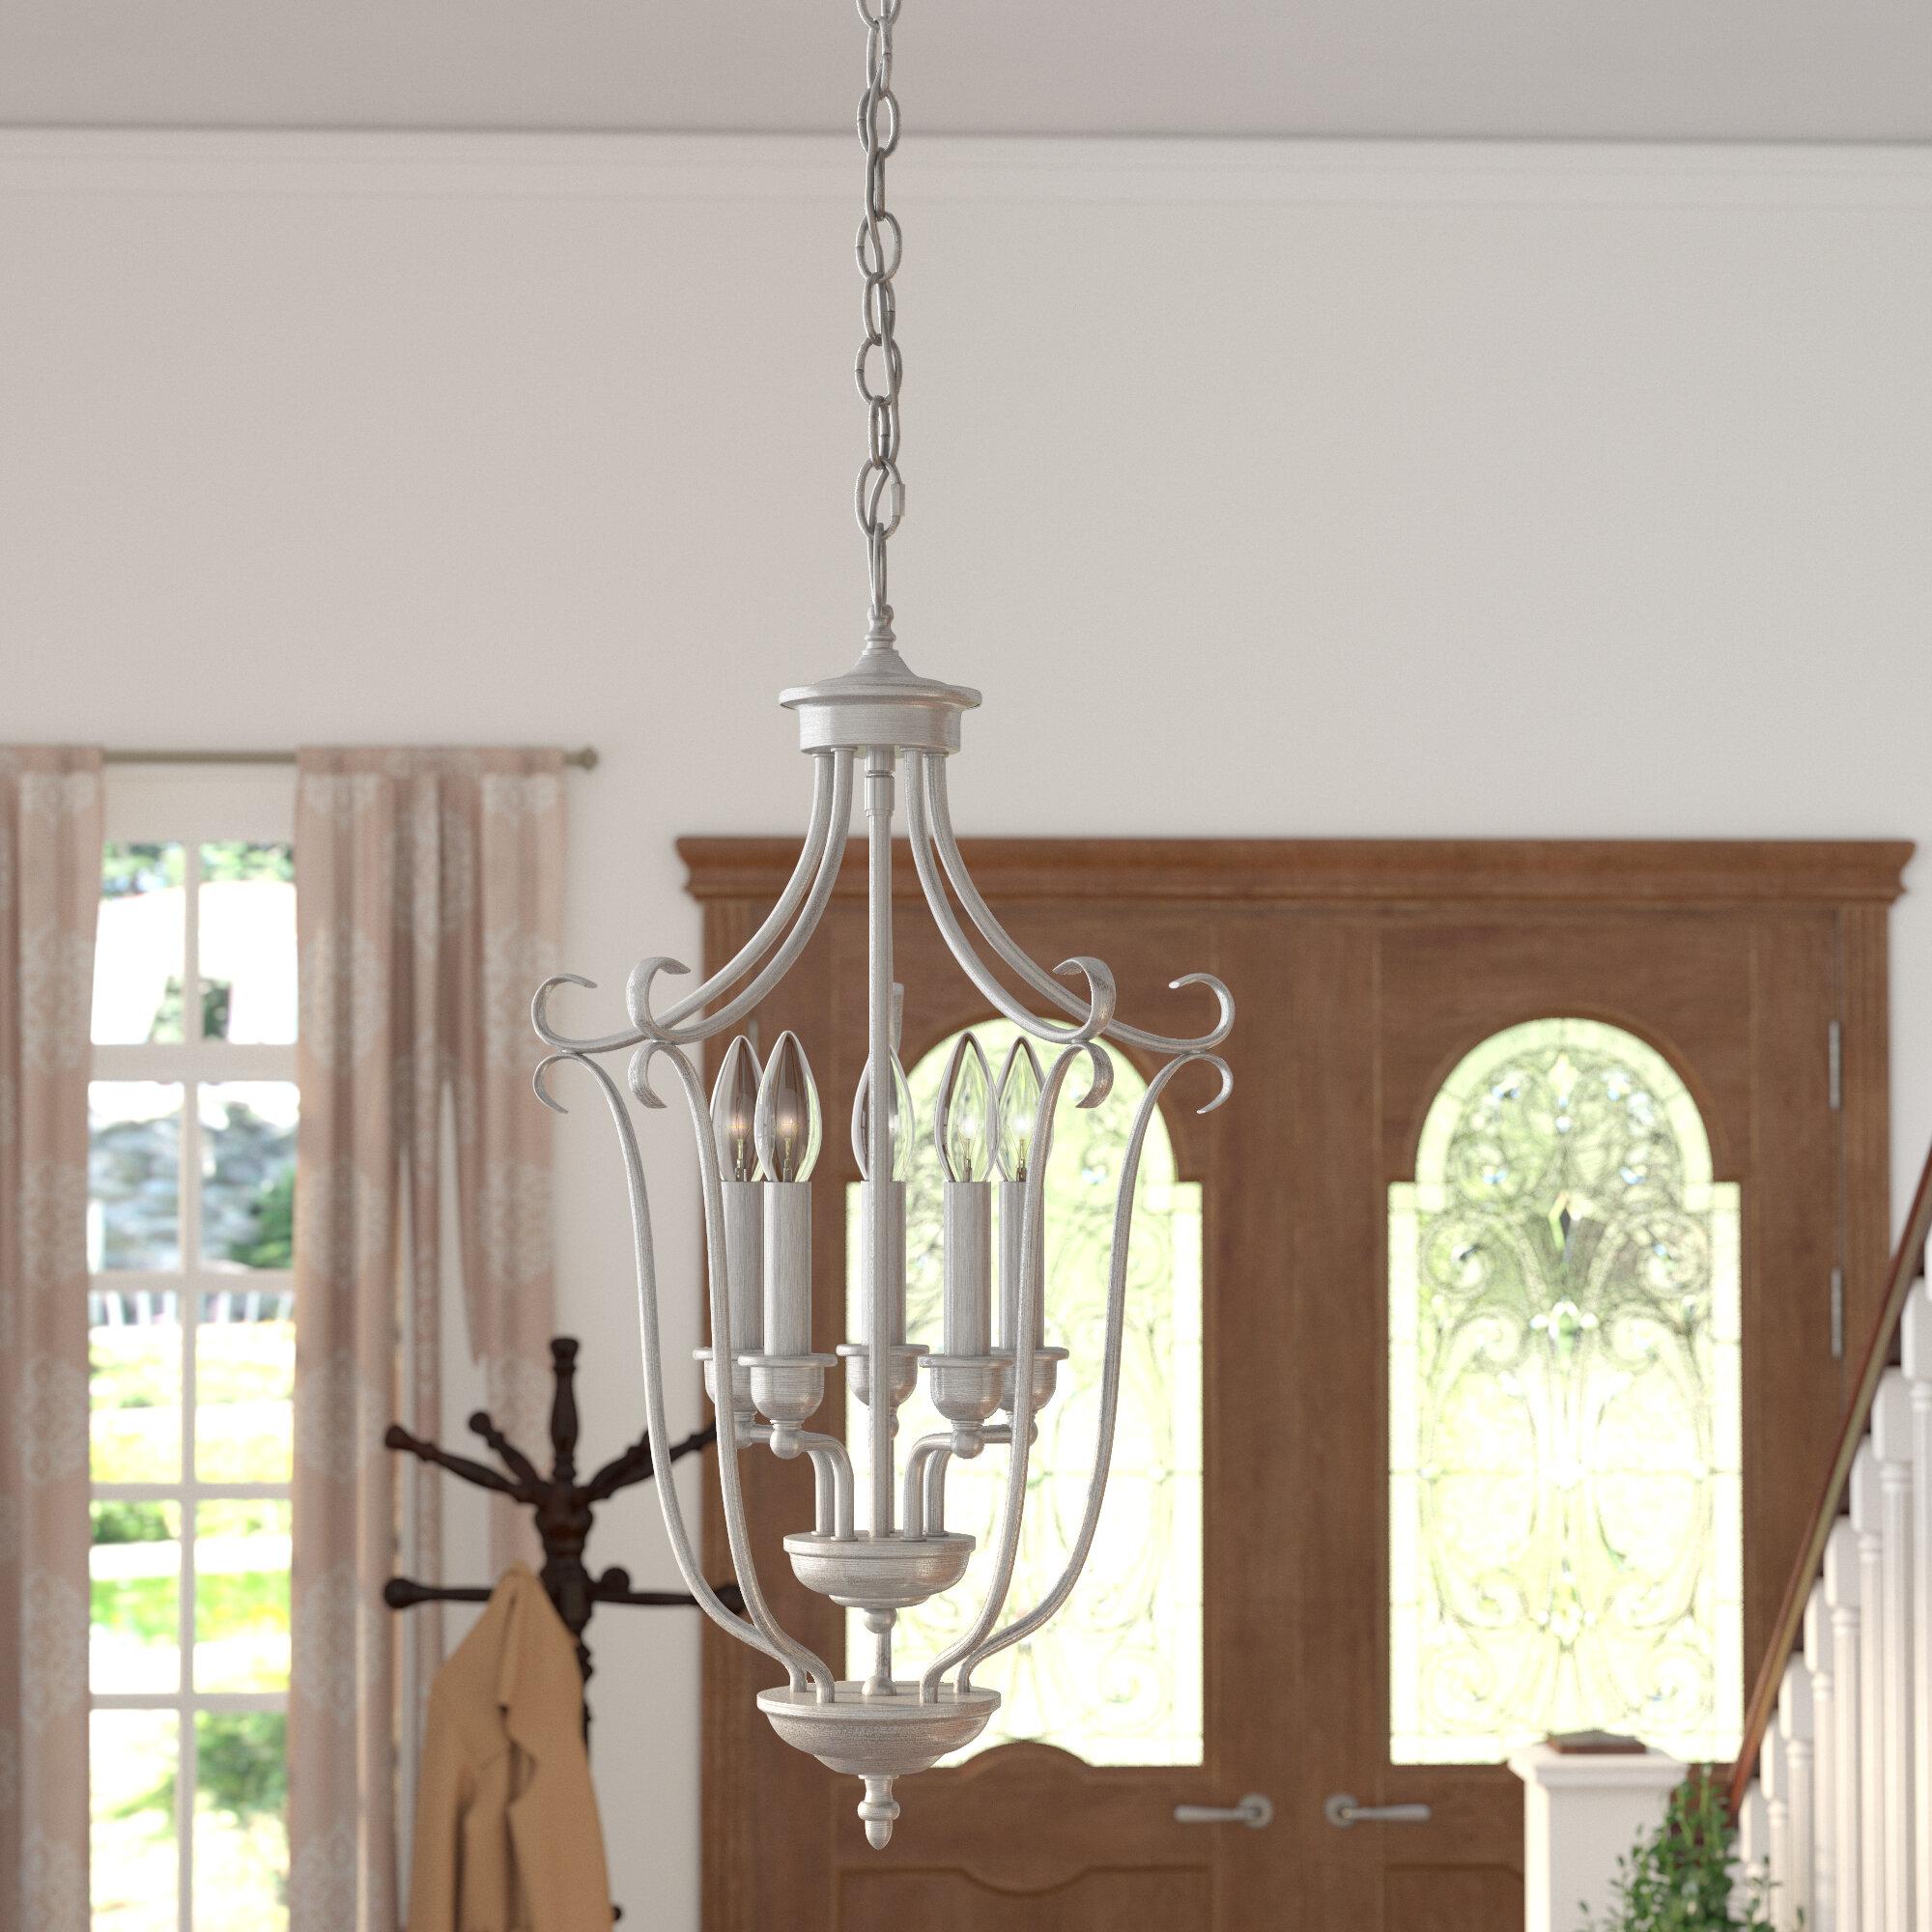 Lana 5 light foyer pendant